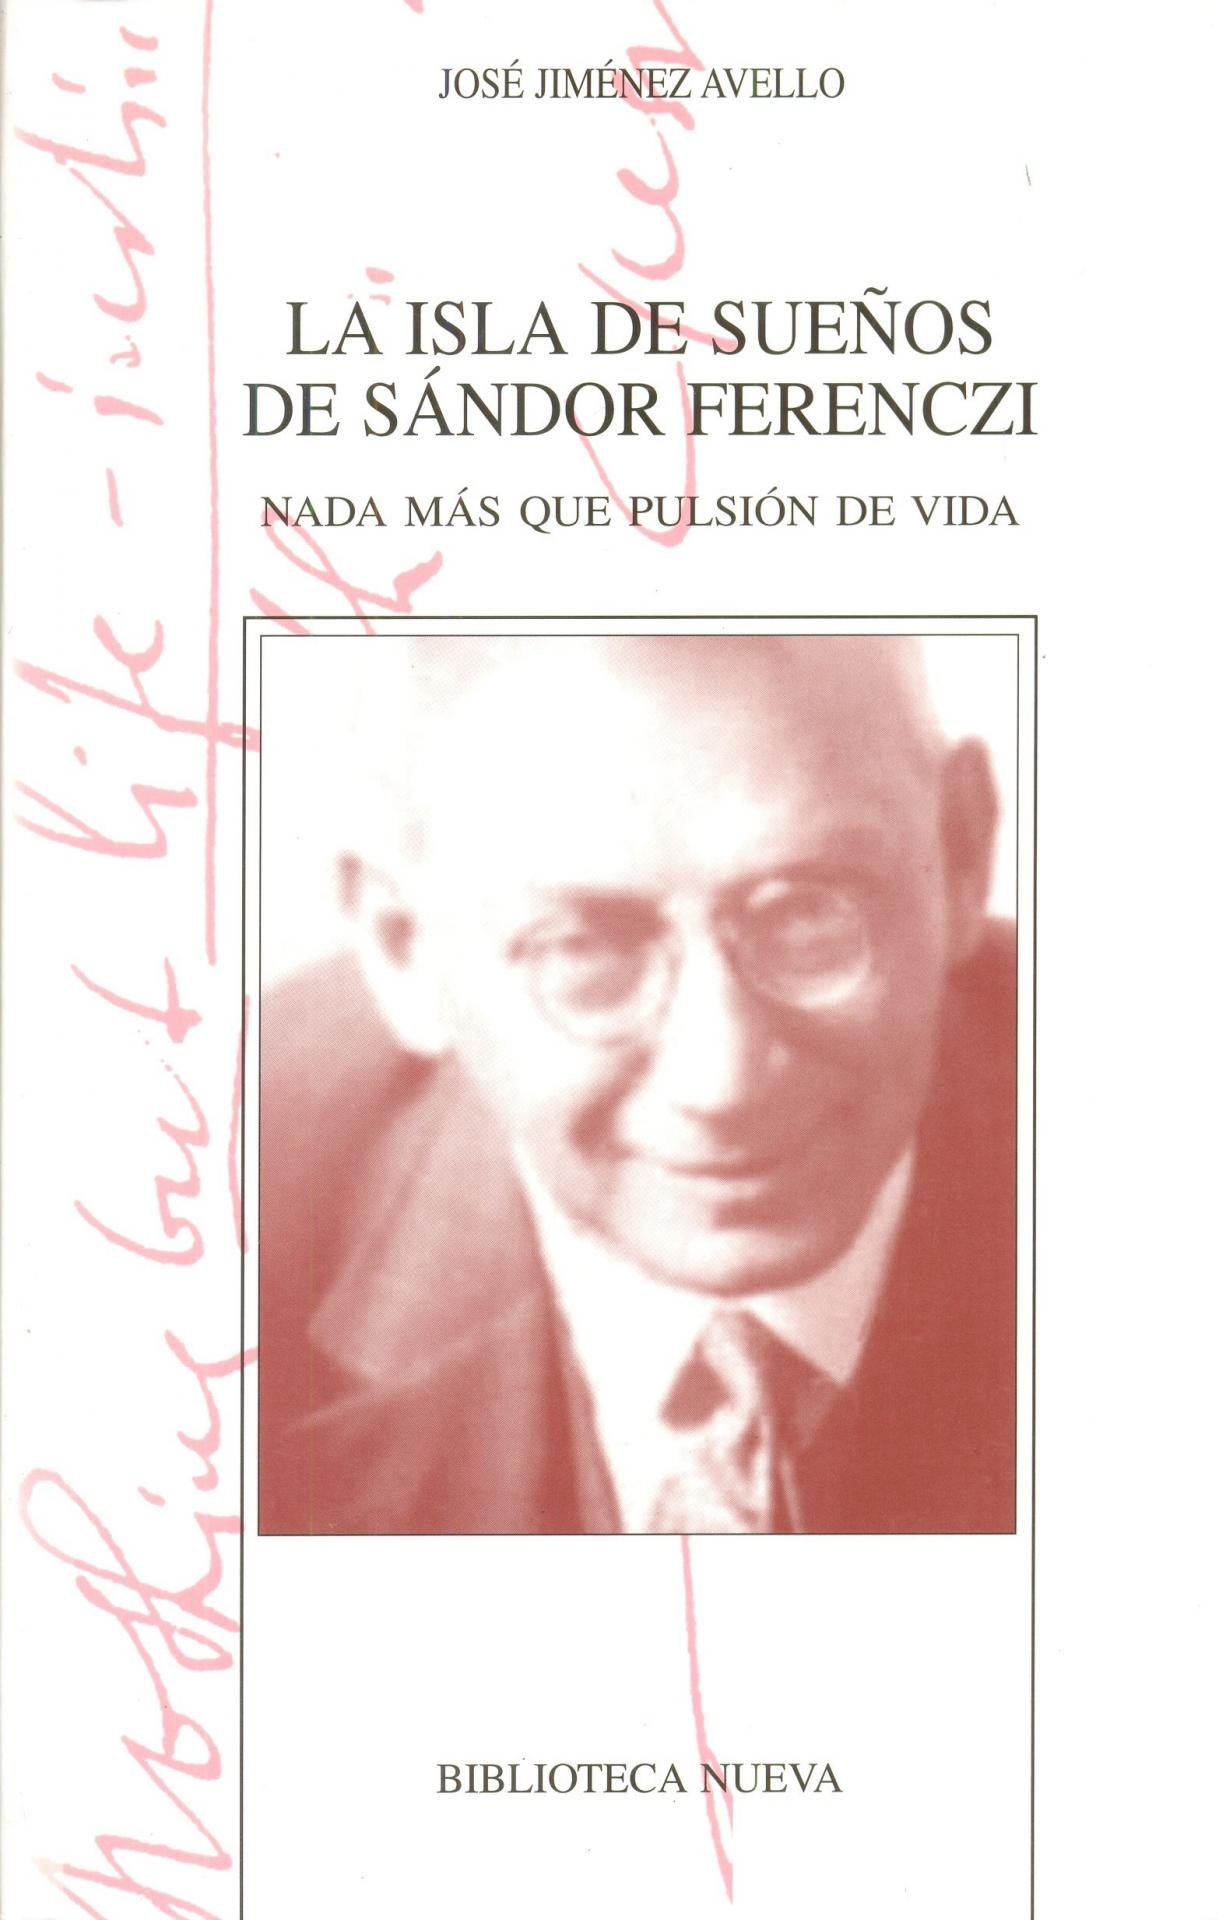 LA ISLA DE SUEÑOS DE SÁNDOR FERENCZI. Nada más que una pulsión de vida. Jiménez, J.